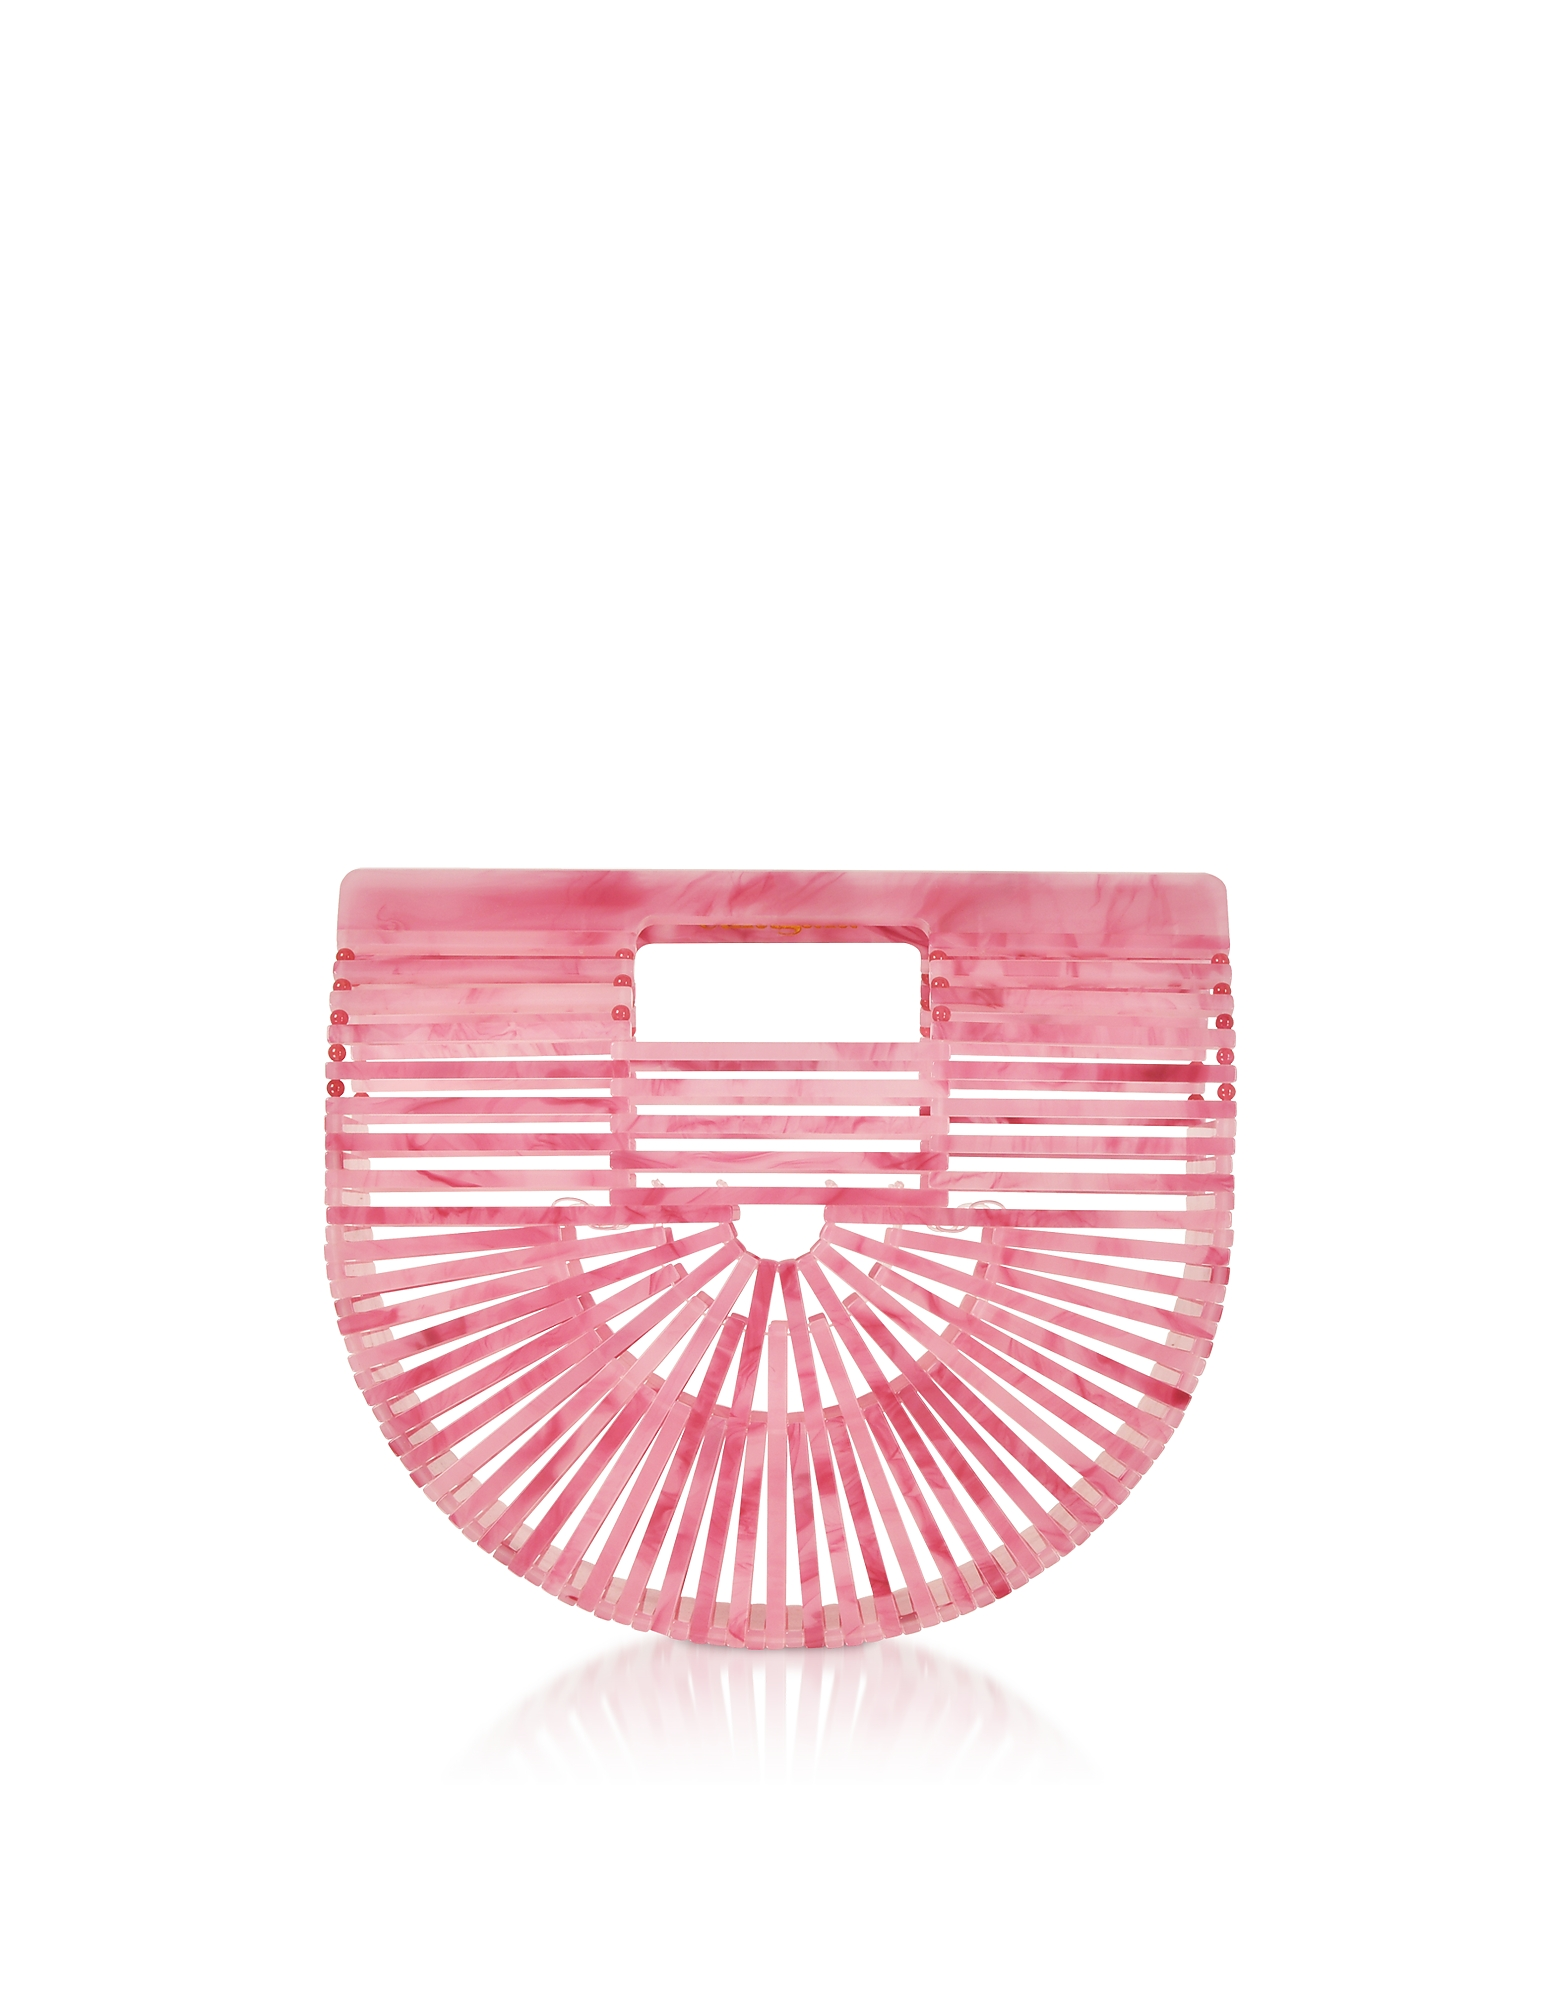 Mini Ark Bag in Acrilico Cherry Quartz